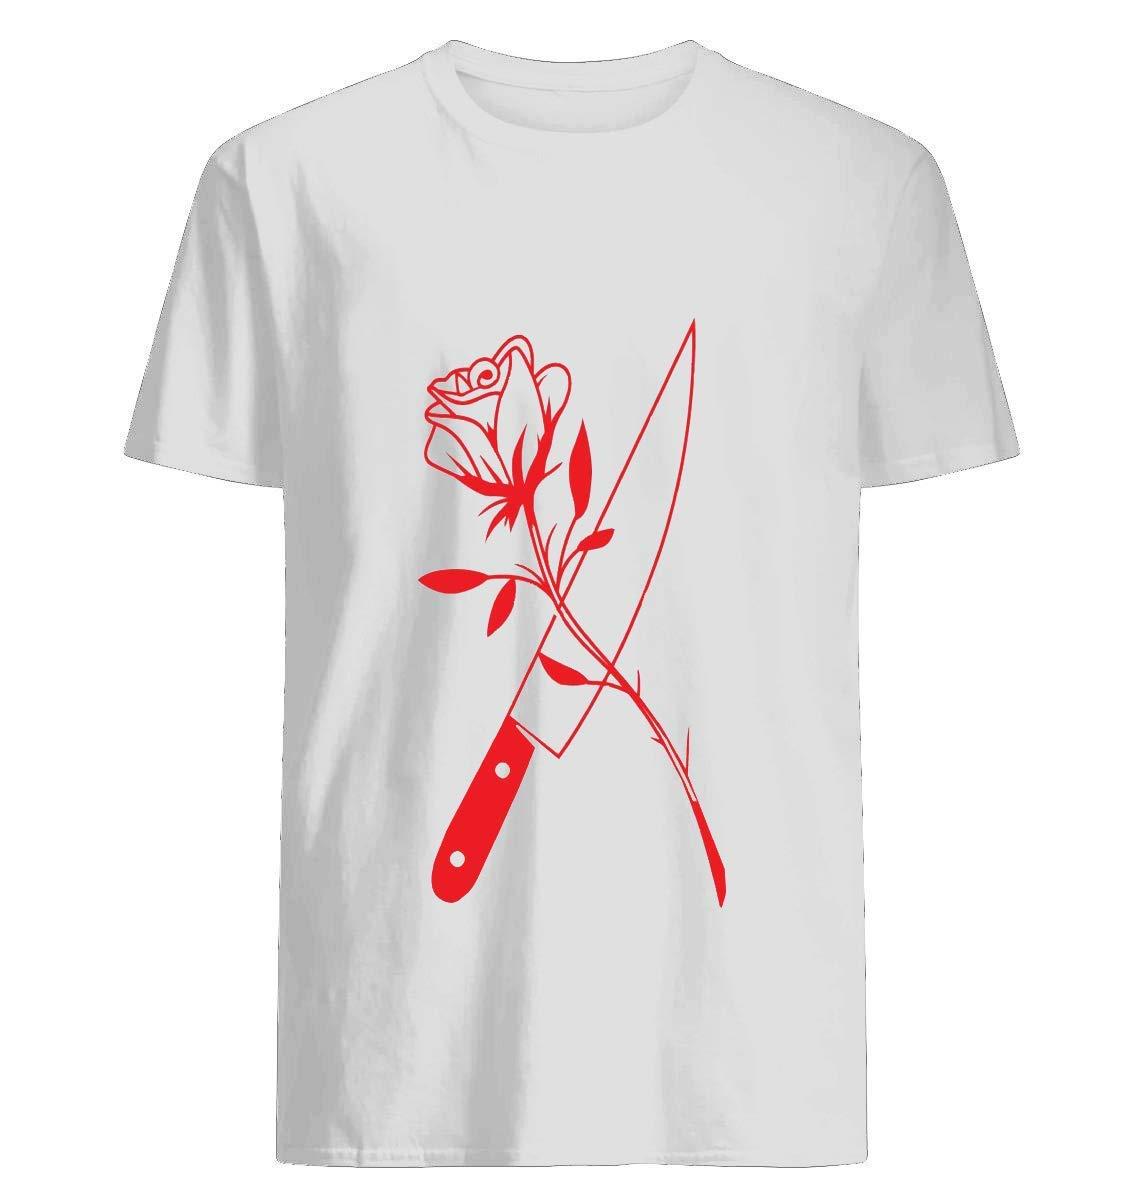 Blackbear 10 T Shirt For Unisex